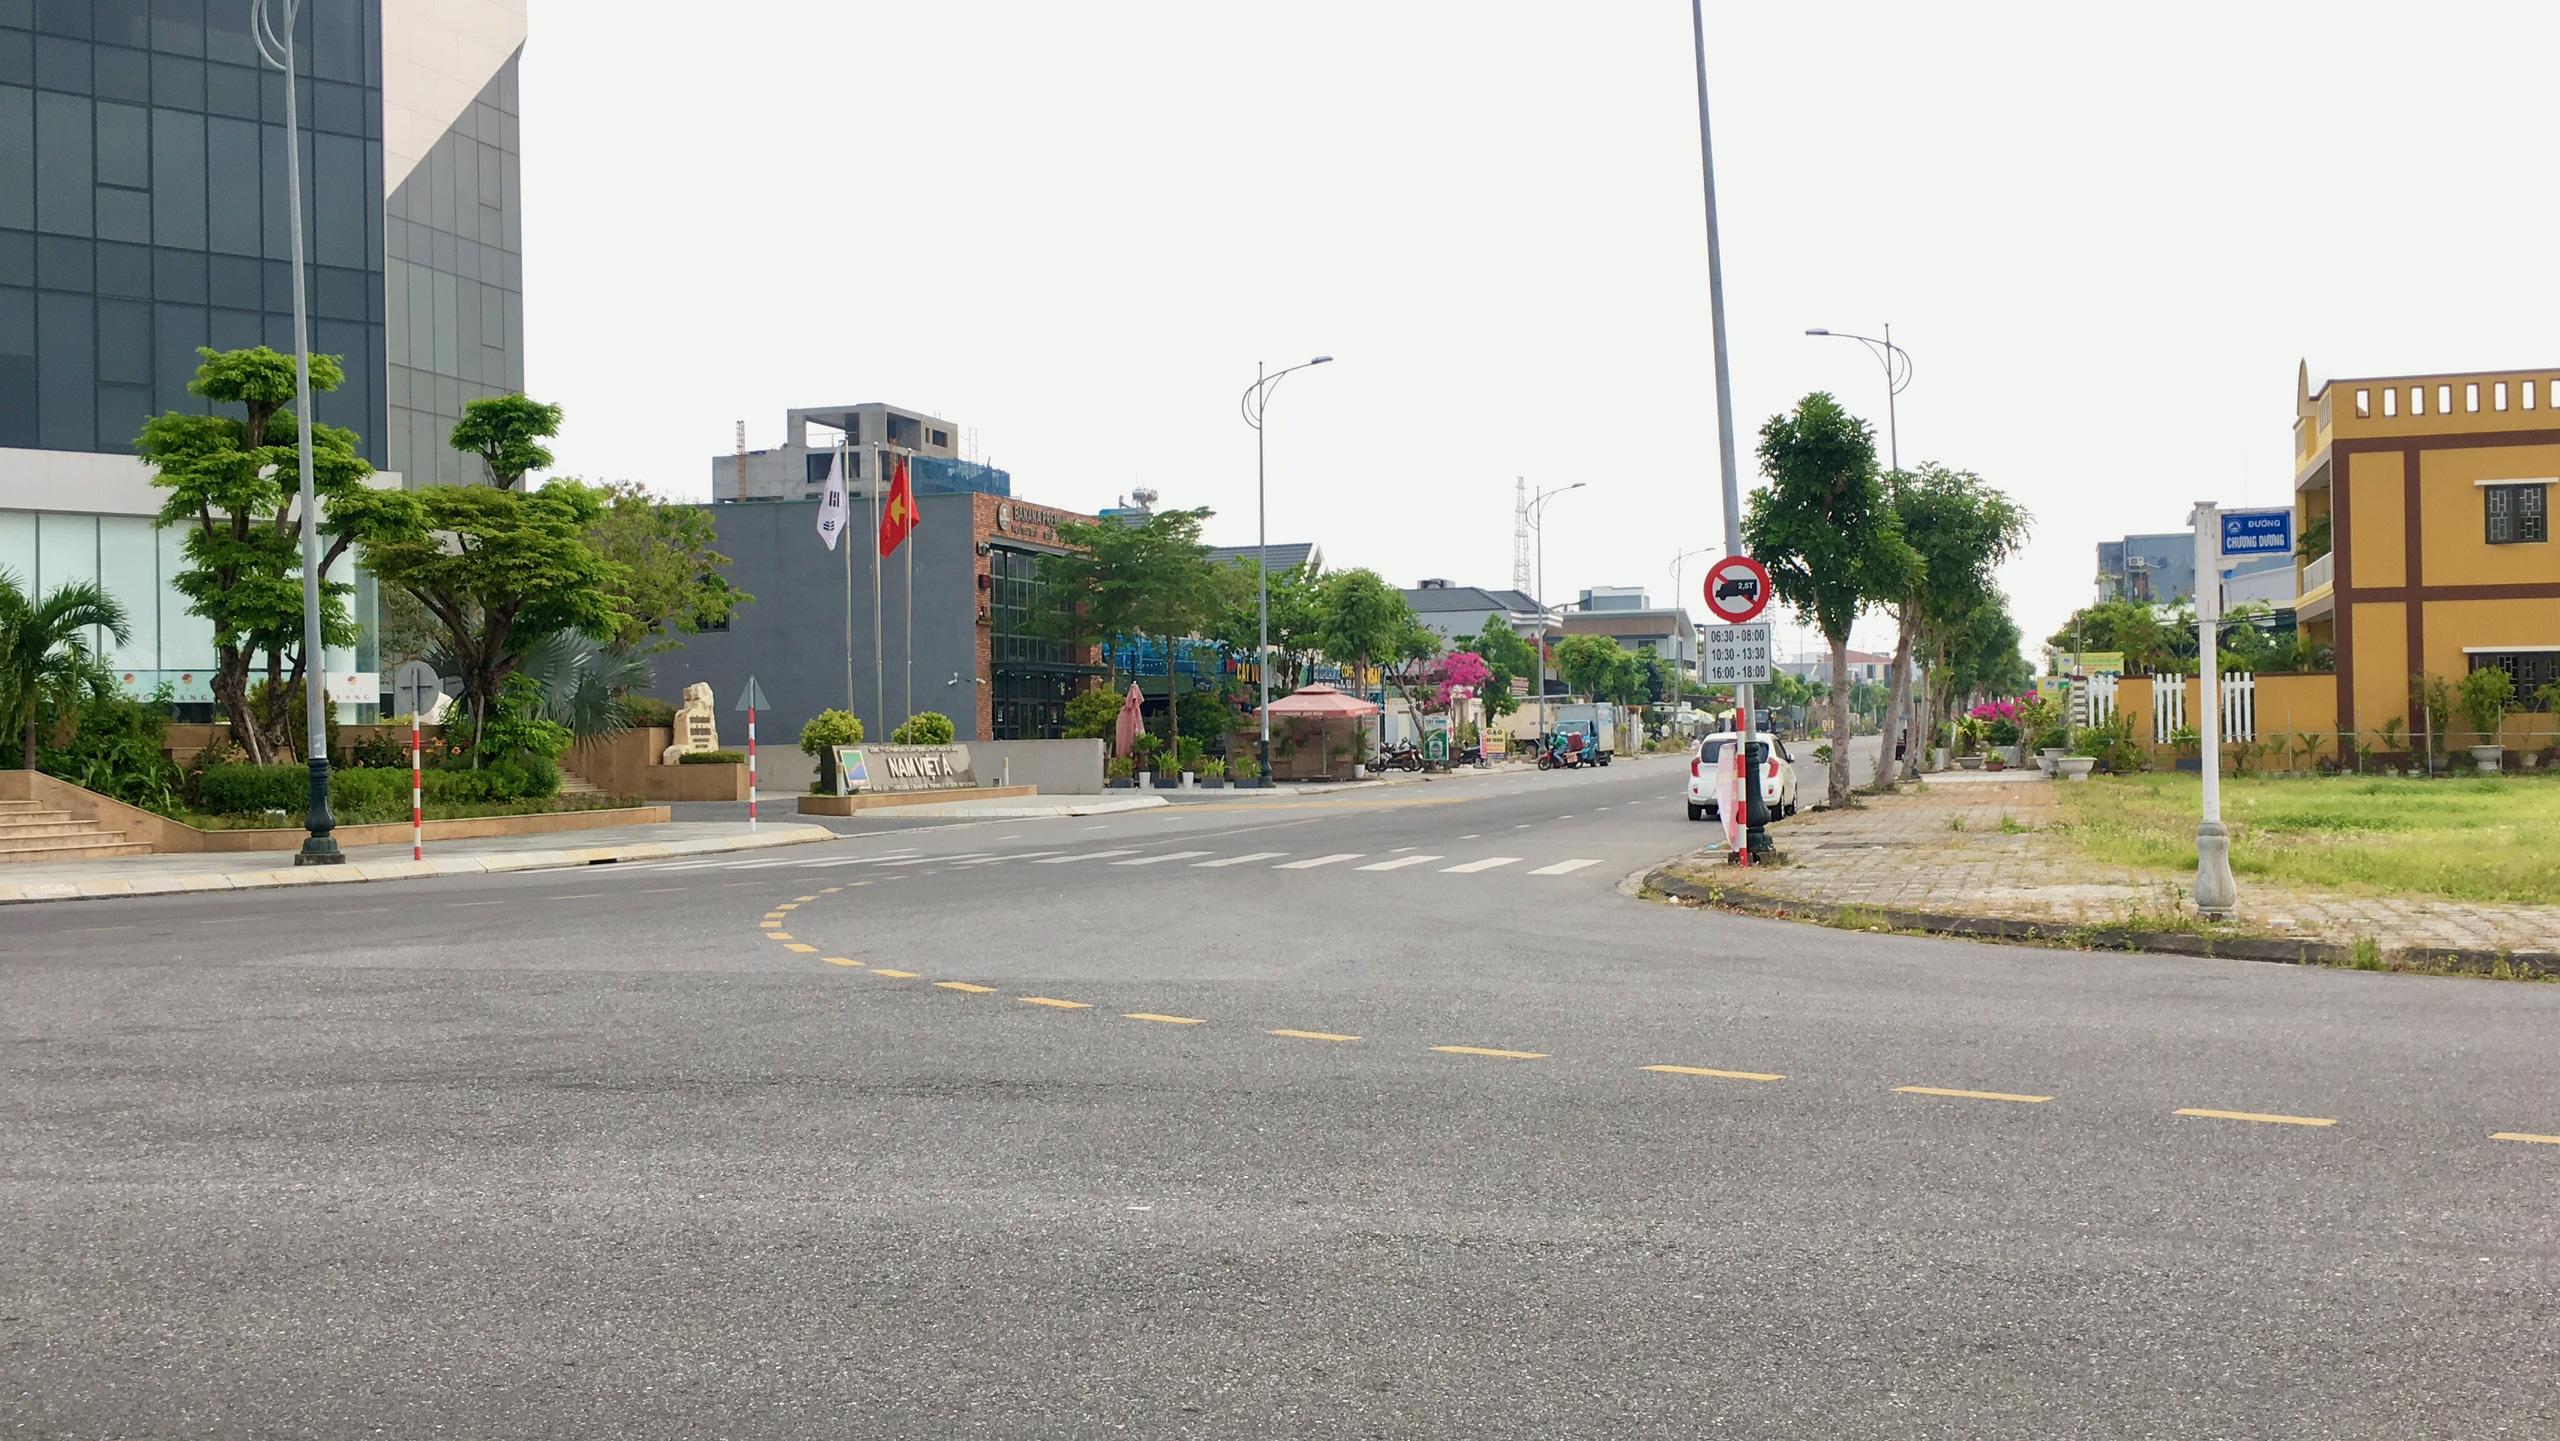 Cận cảnh nơi Đà Nẵng quy hoạch đến 2030 sẽ làm cầu từ đường Bùi Tá Hán qua Hòa Xuân - Ảnh 10.